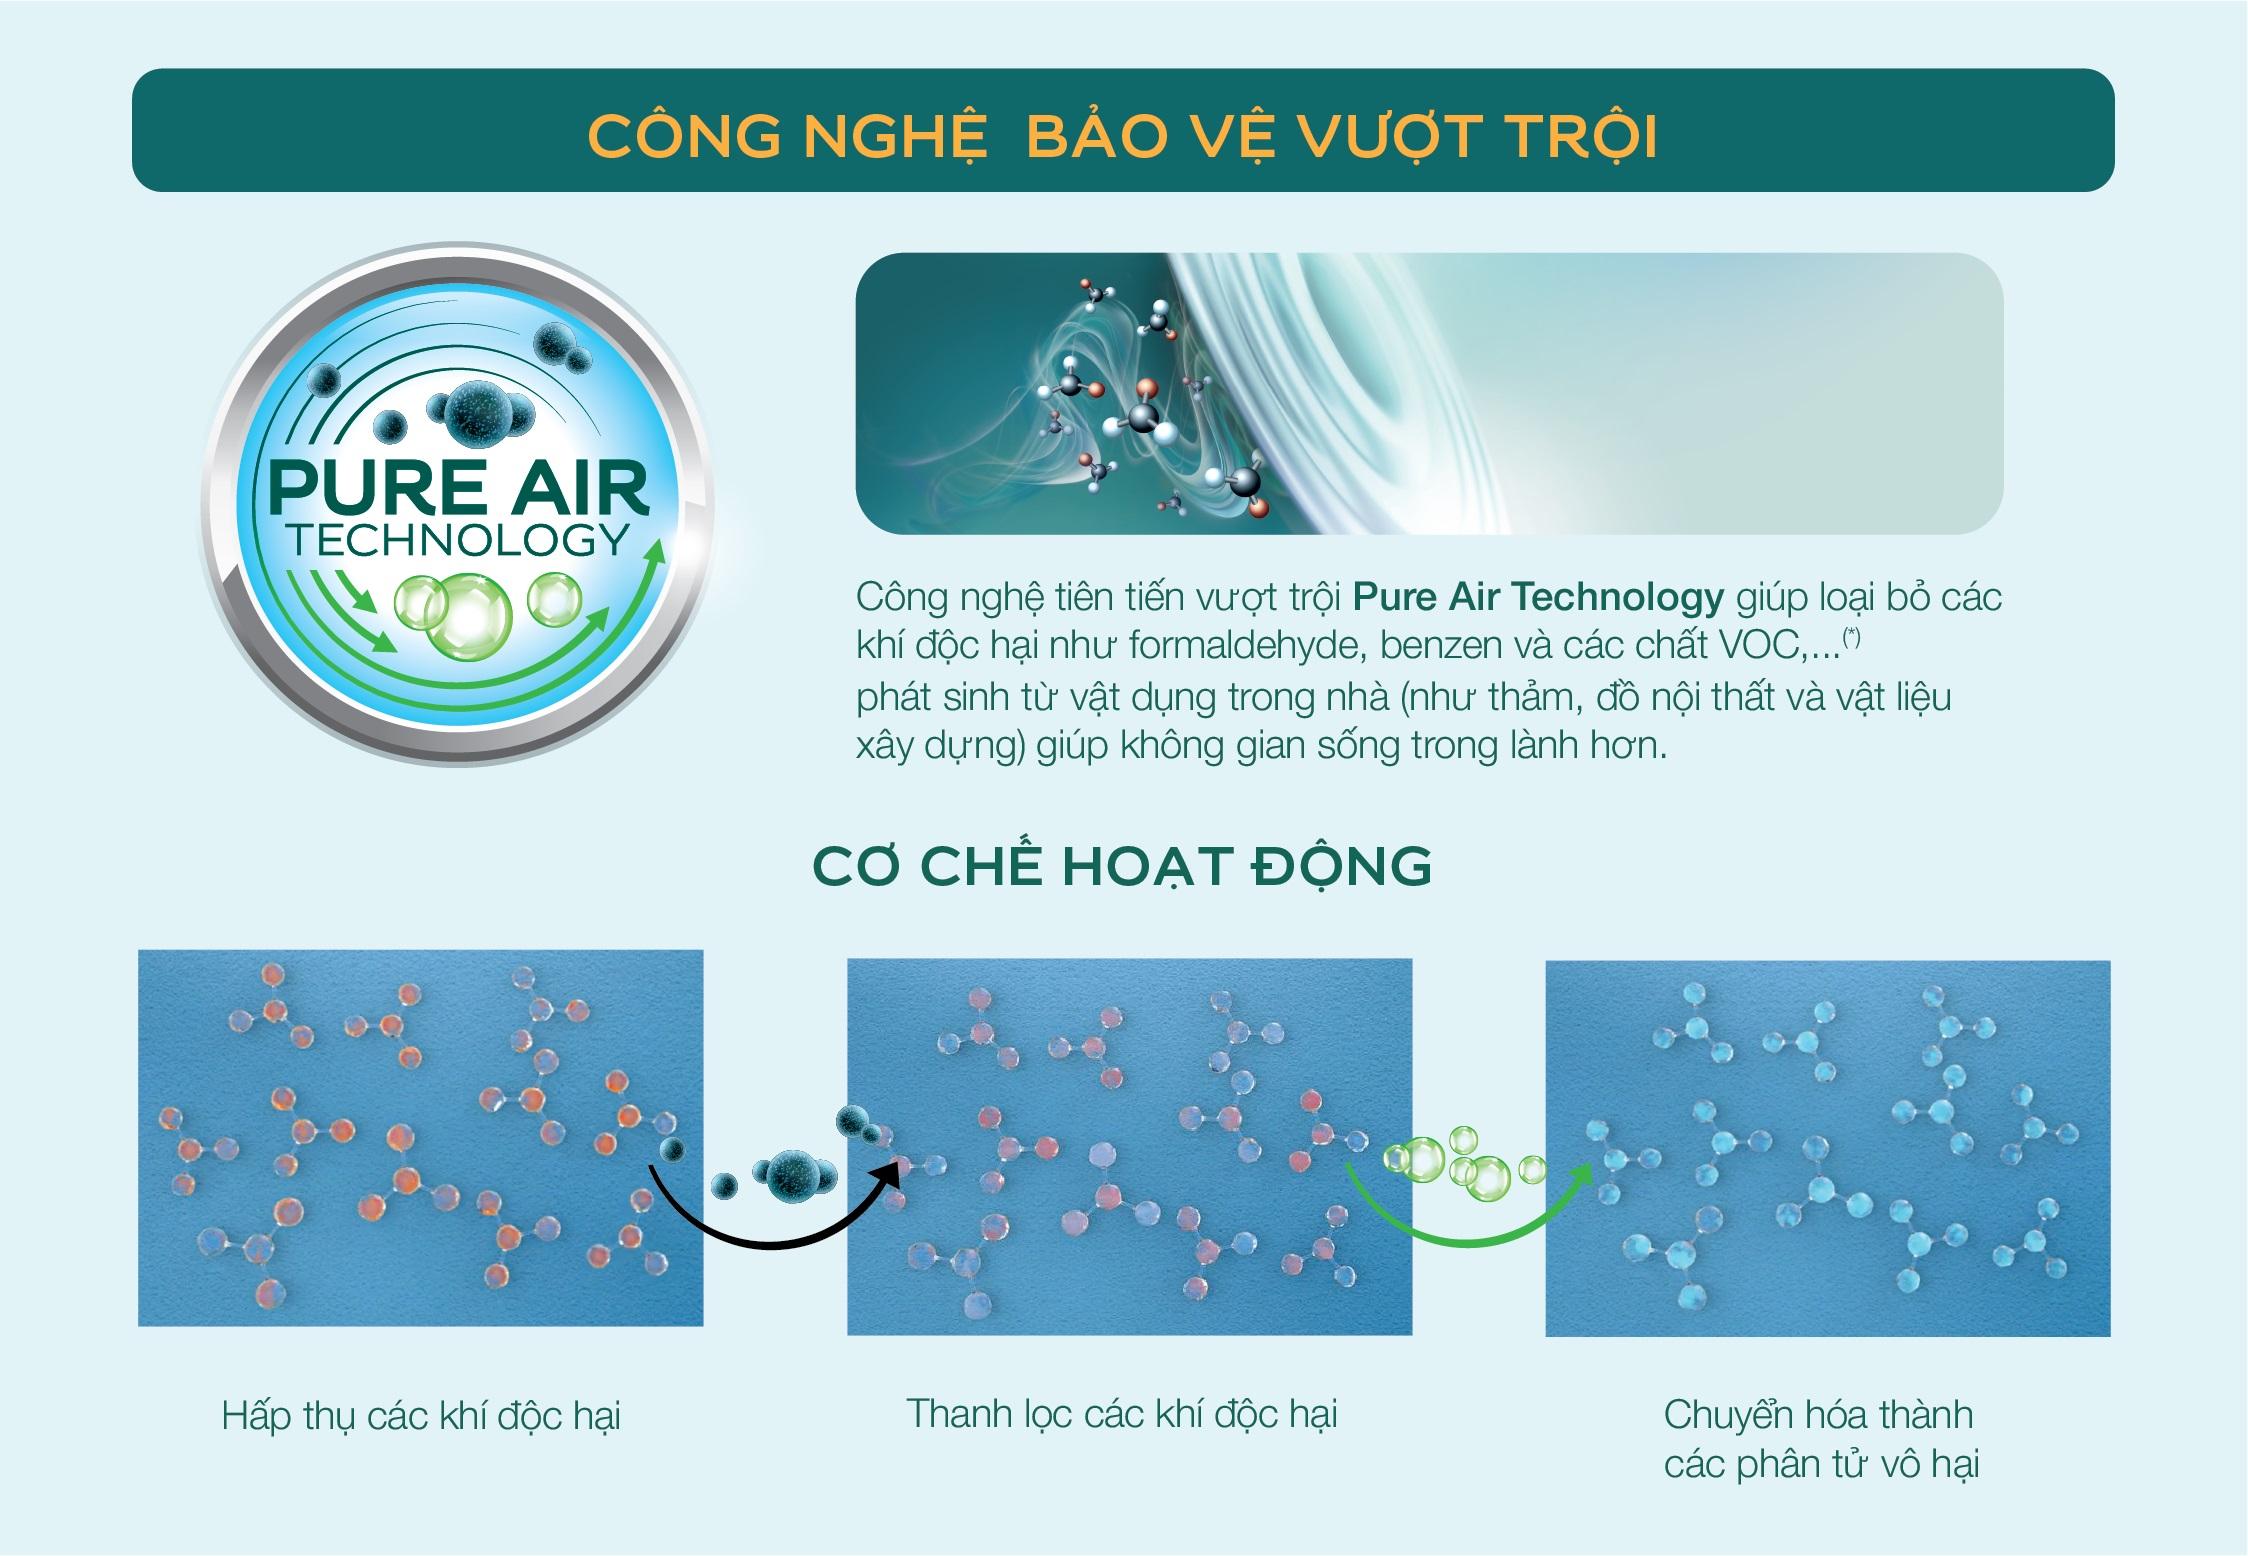 Cơ chế hoạt động ưu việt của công nghệ Pure Air Technology từ Air Clean giúp không khí trong nhà trong lành hơn